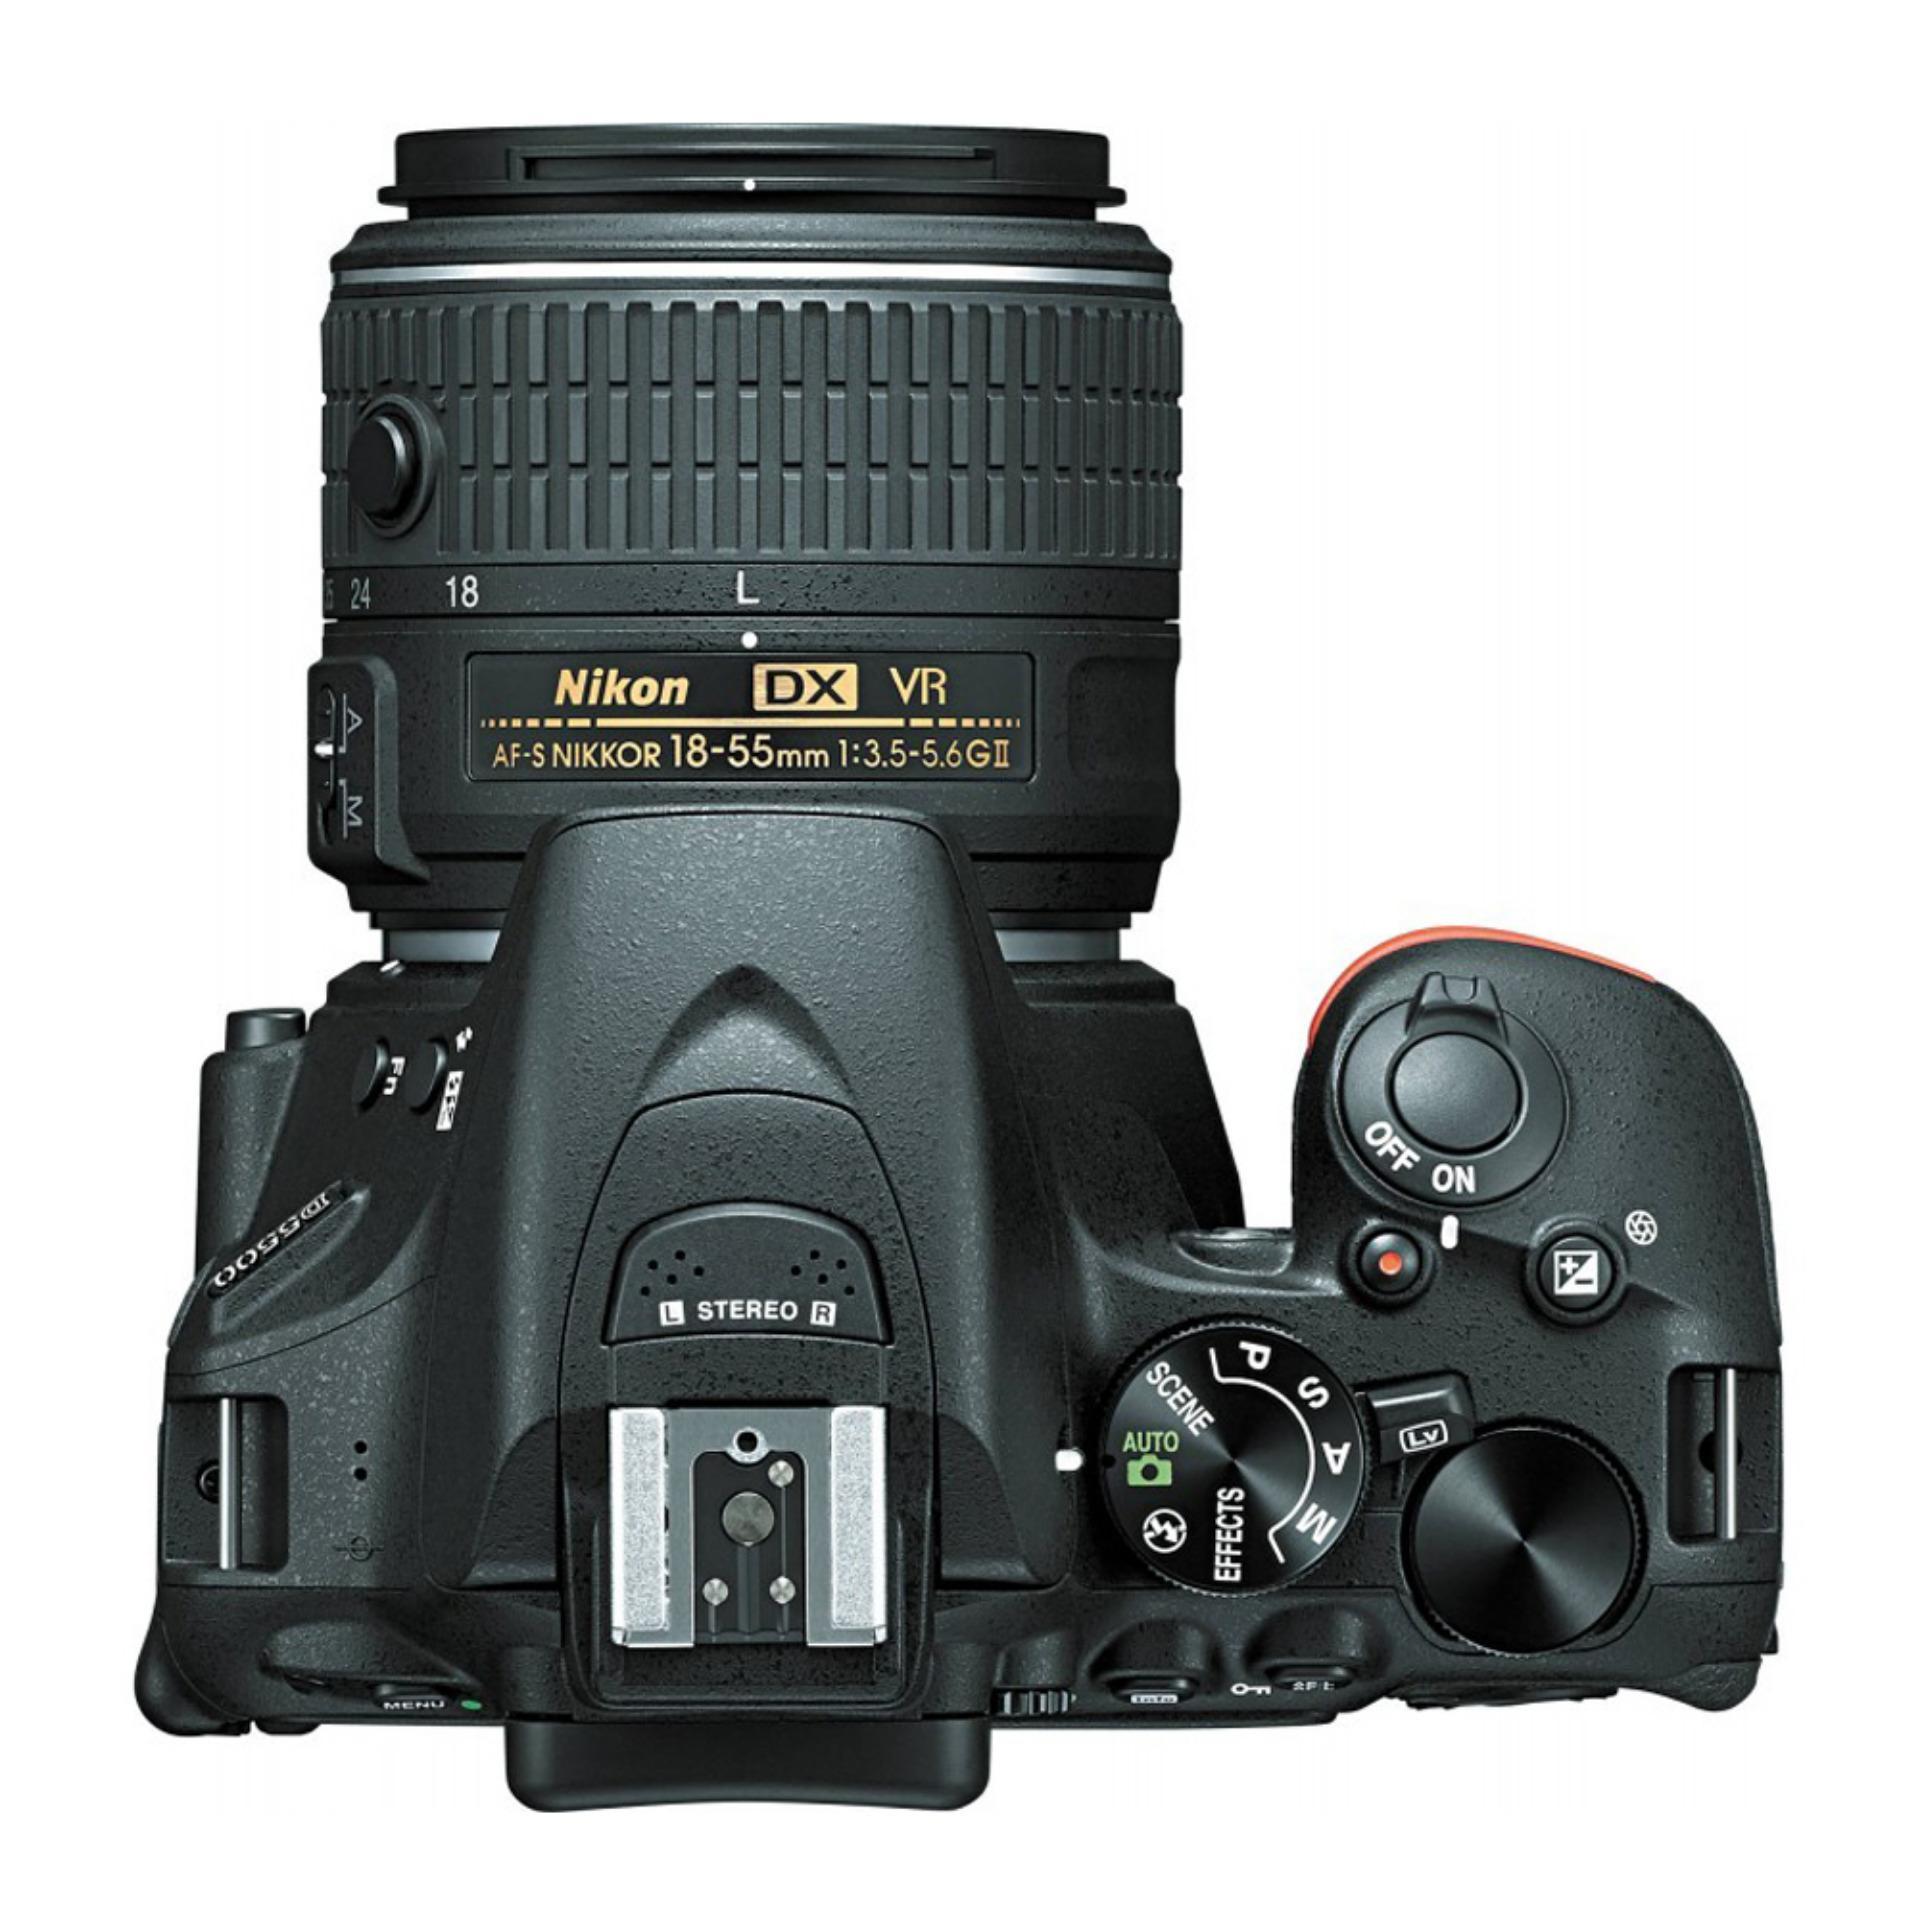 NIKON D5500 AF-S 18-55mm VR II 24.2MP DX-Format CMOS Sensor + SanDisk 8gb + Screen Protector